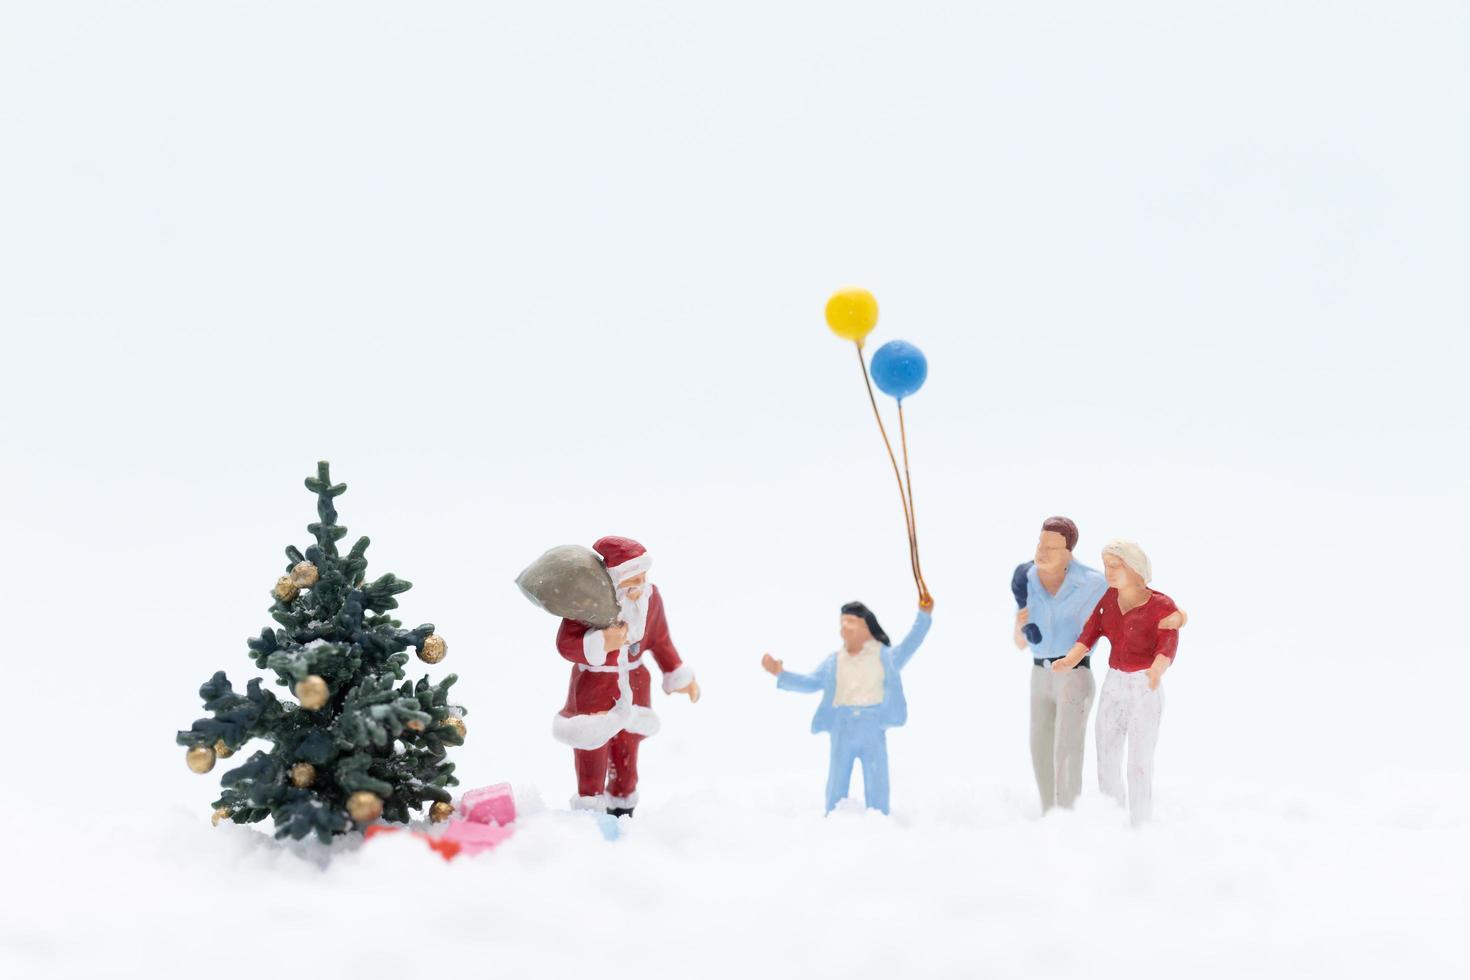 personnes miniatures avec le père noël avec des cadeaux pour les enfants, concept de noël photo